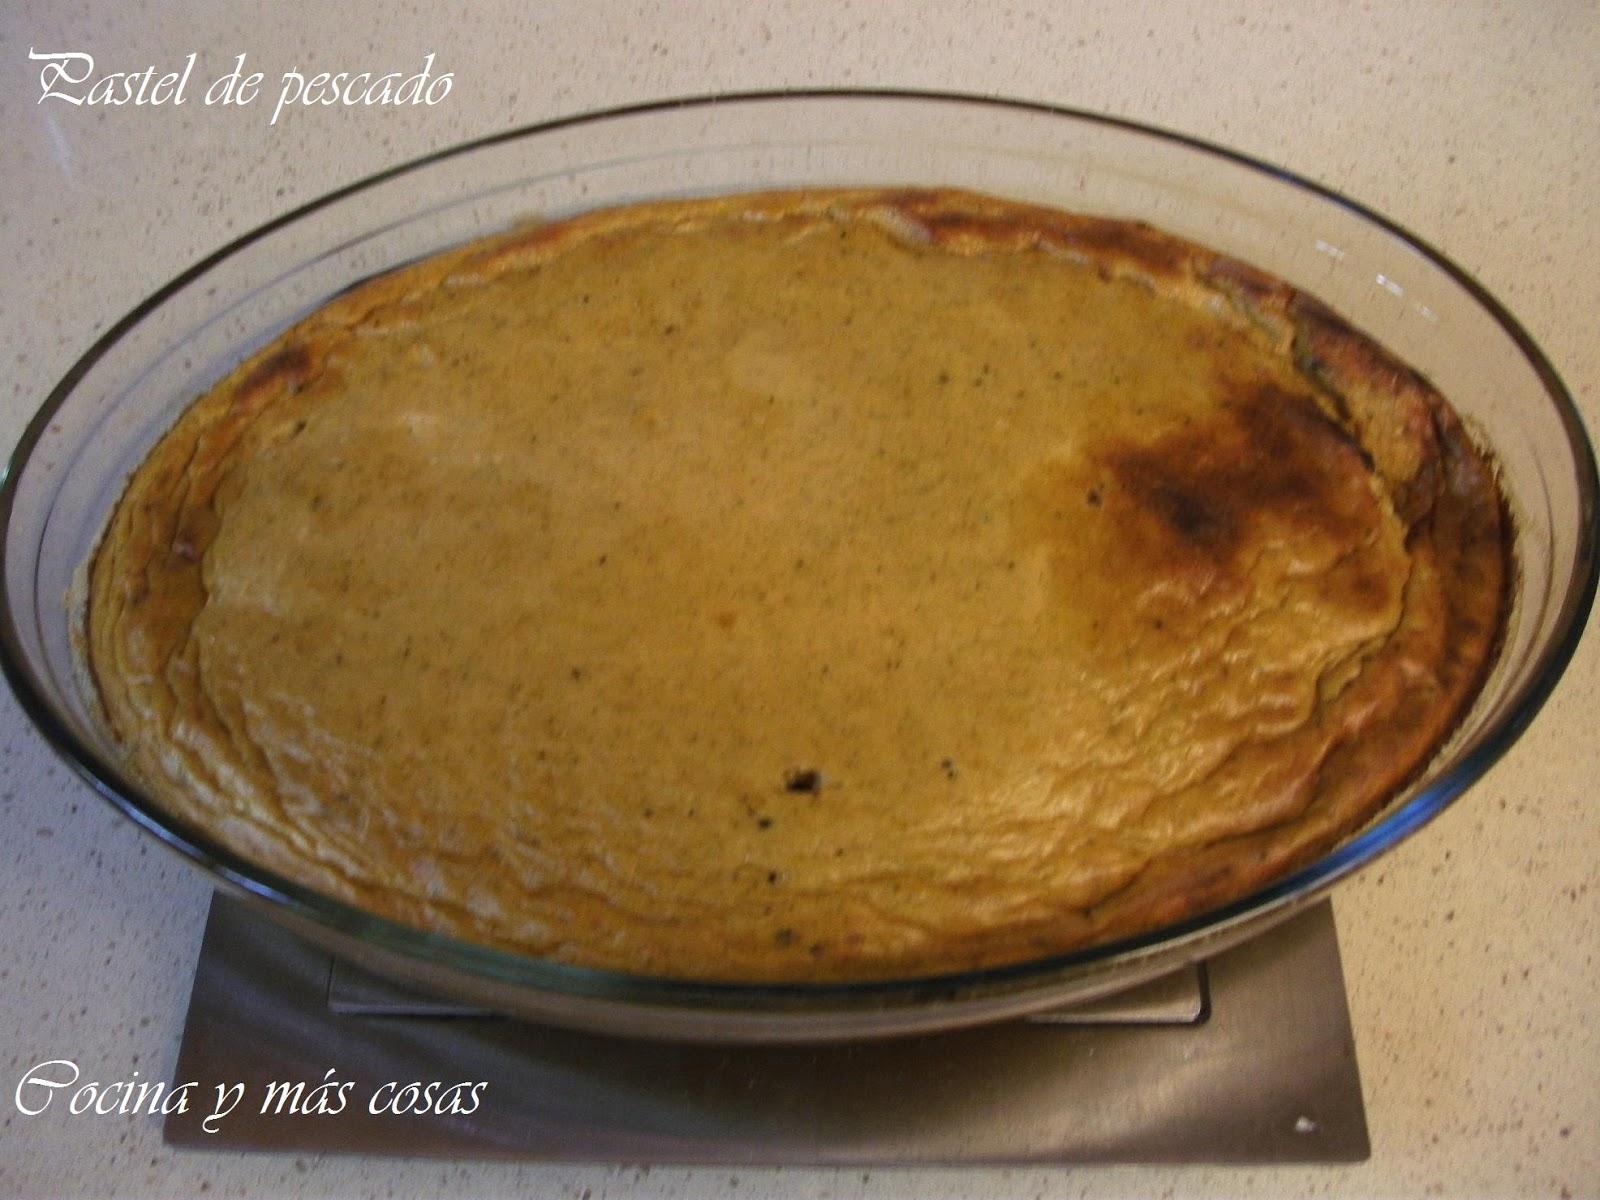 Cocina y m s cosas pastel de pescado - Cosas de cocina ...